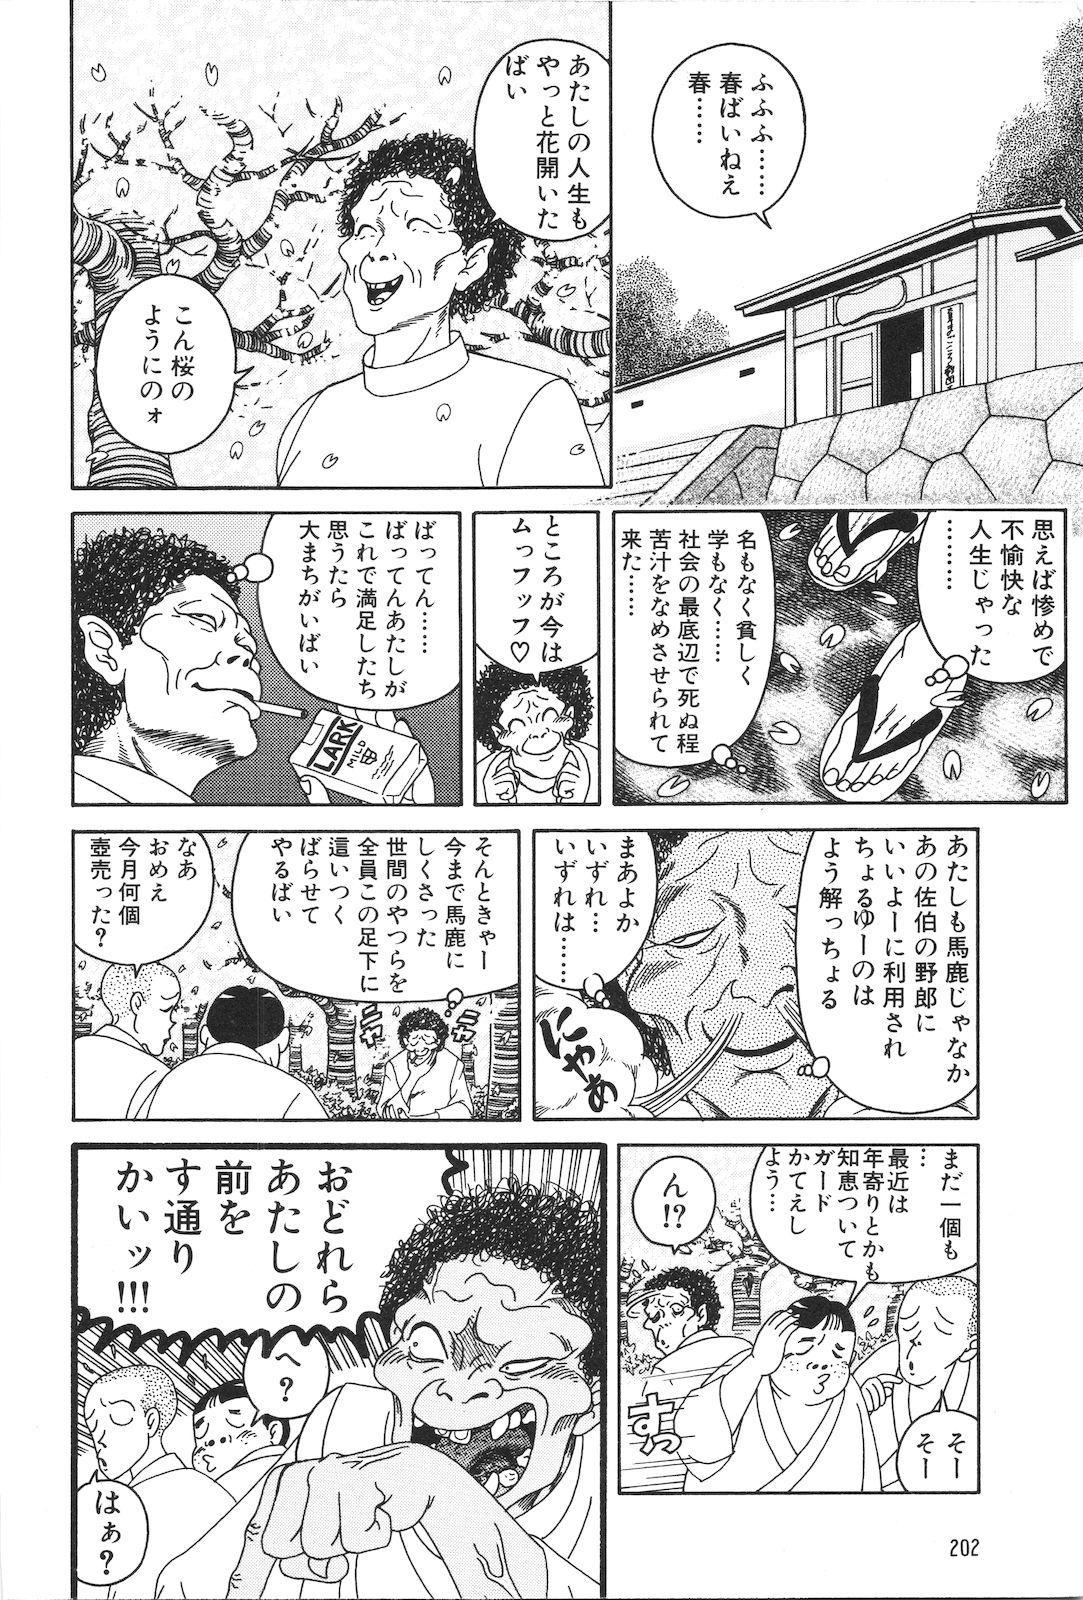 Dobusarai Gekijou 203